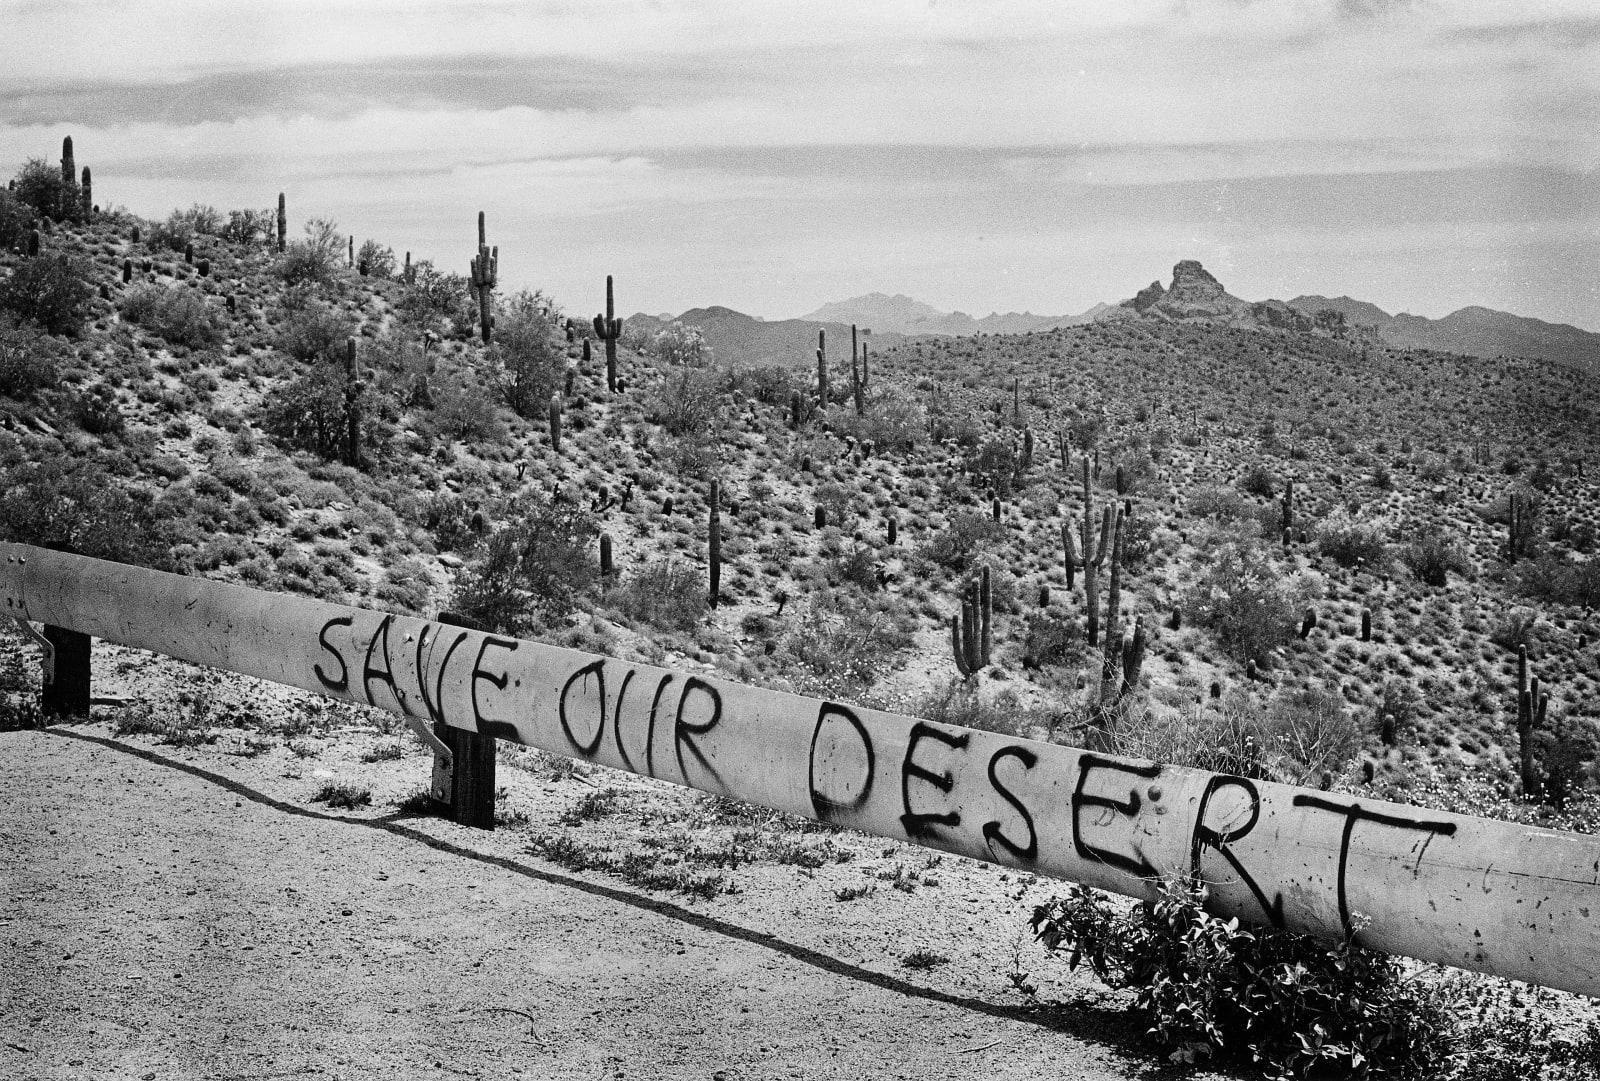 David Hurn - Arizona. Route 87, 1980